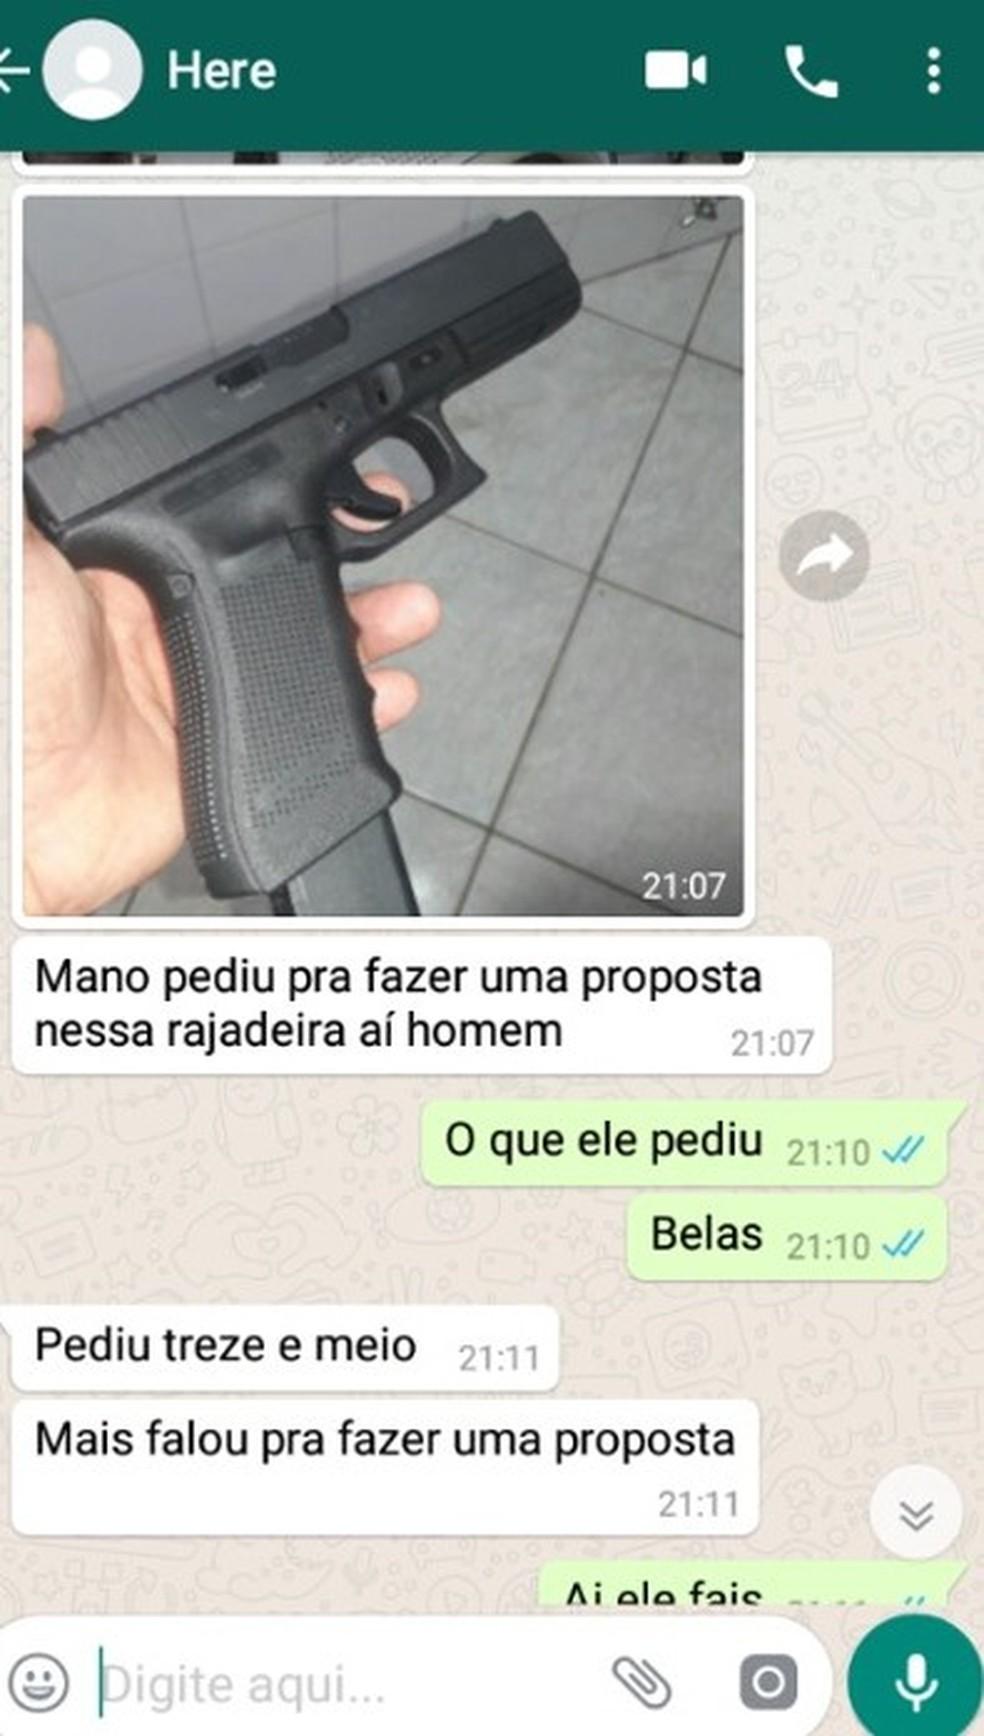 Venda de armas por criminosos investigados em Uberlândia na Operação 'La Casa de Papel' — Foto: Gaeco/Divulgação